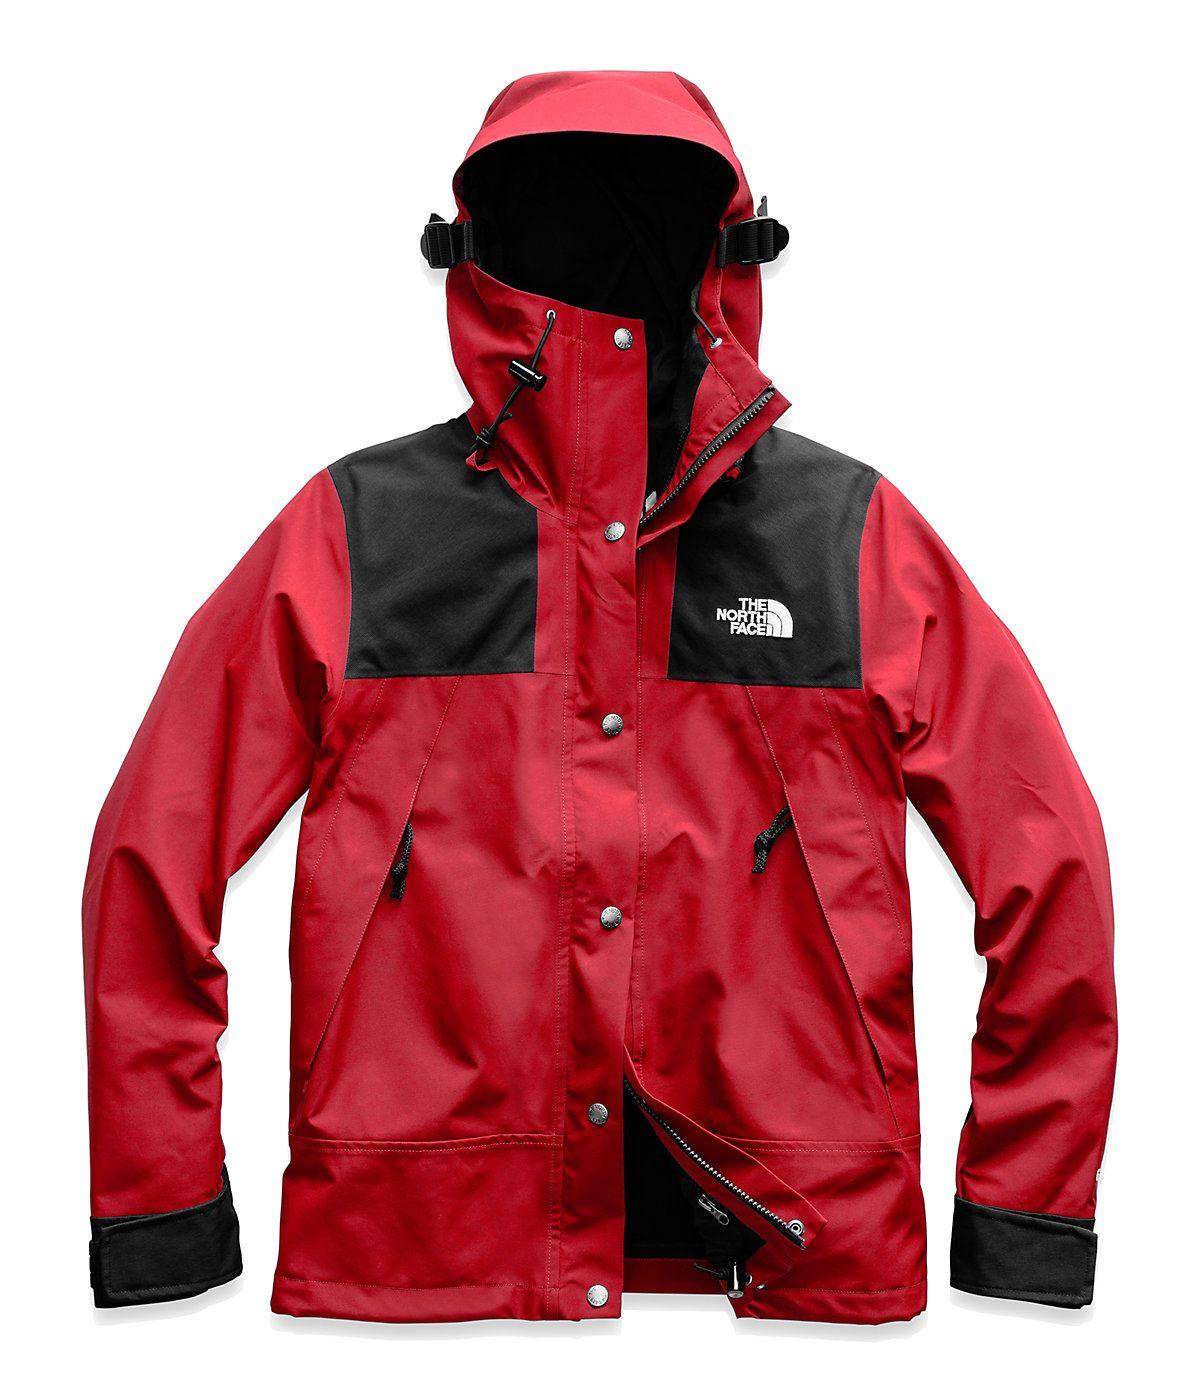 1994 Retro Mountain Light Futurelight Jacket The North Face In 2021 Mountain Jacket Jackets The North Face [ 1396 x 1200 Pixel ]